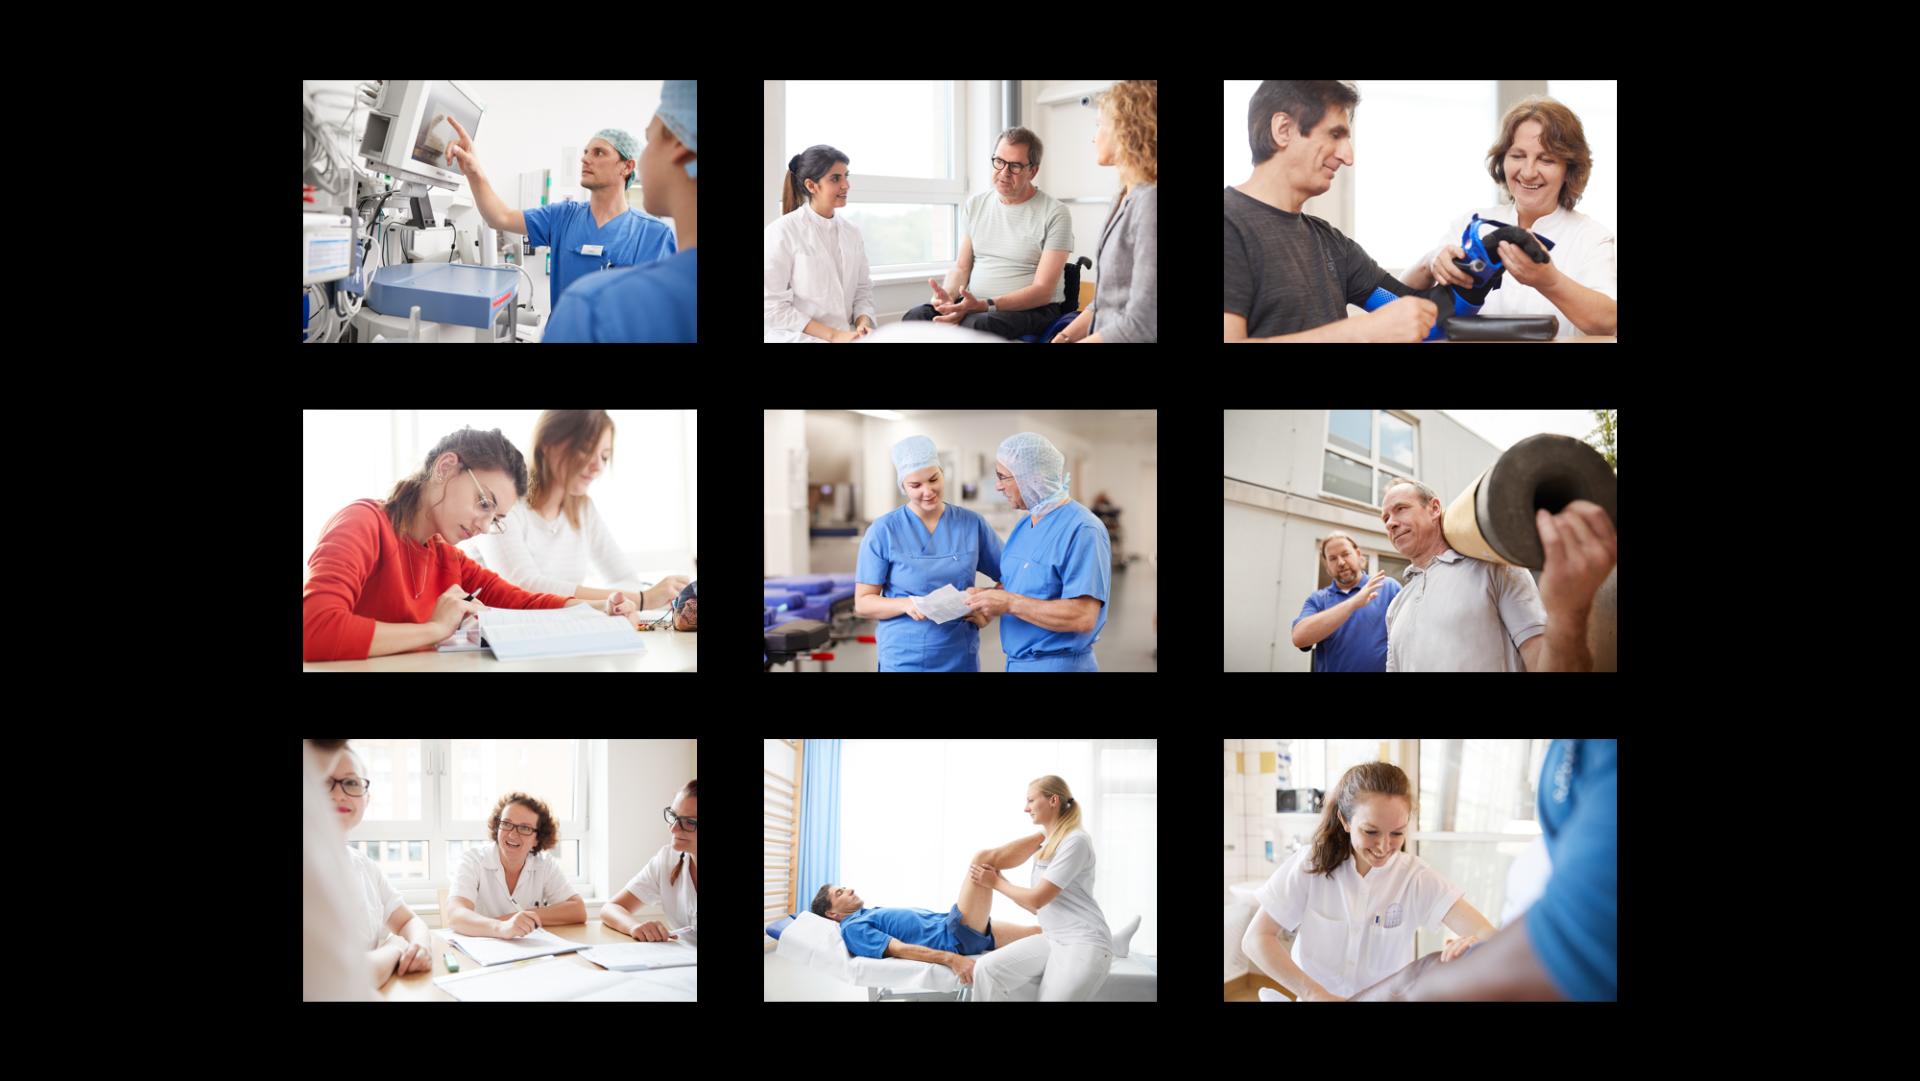 Darstellung des Klinikalltags als Fotoshooting.